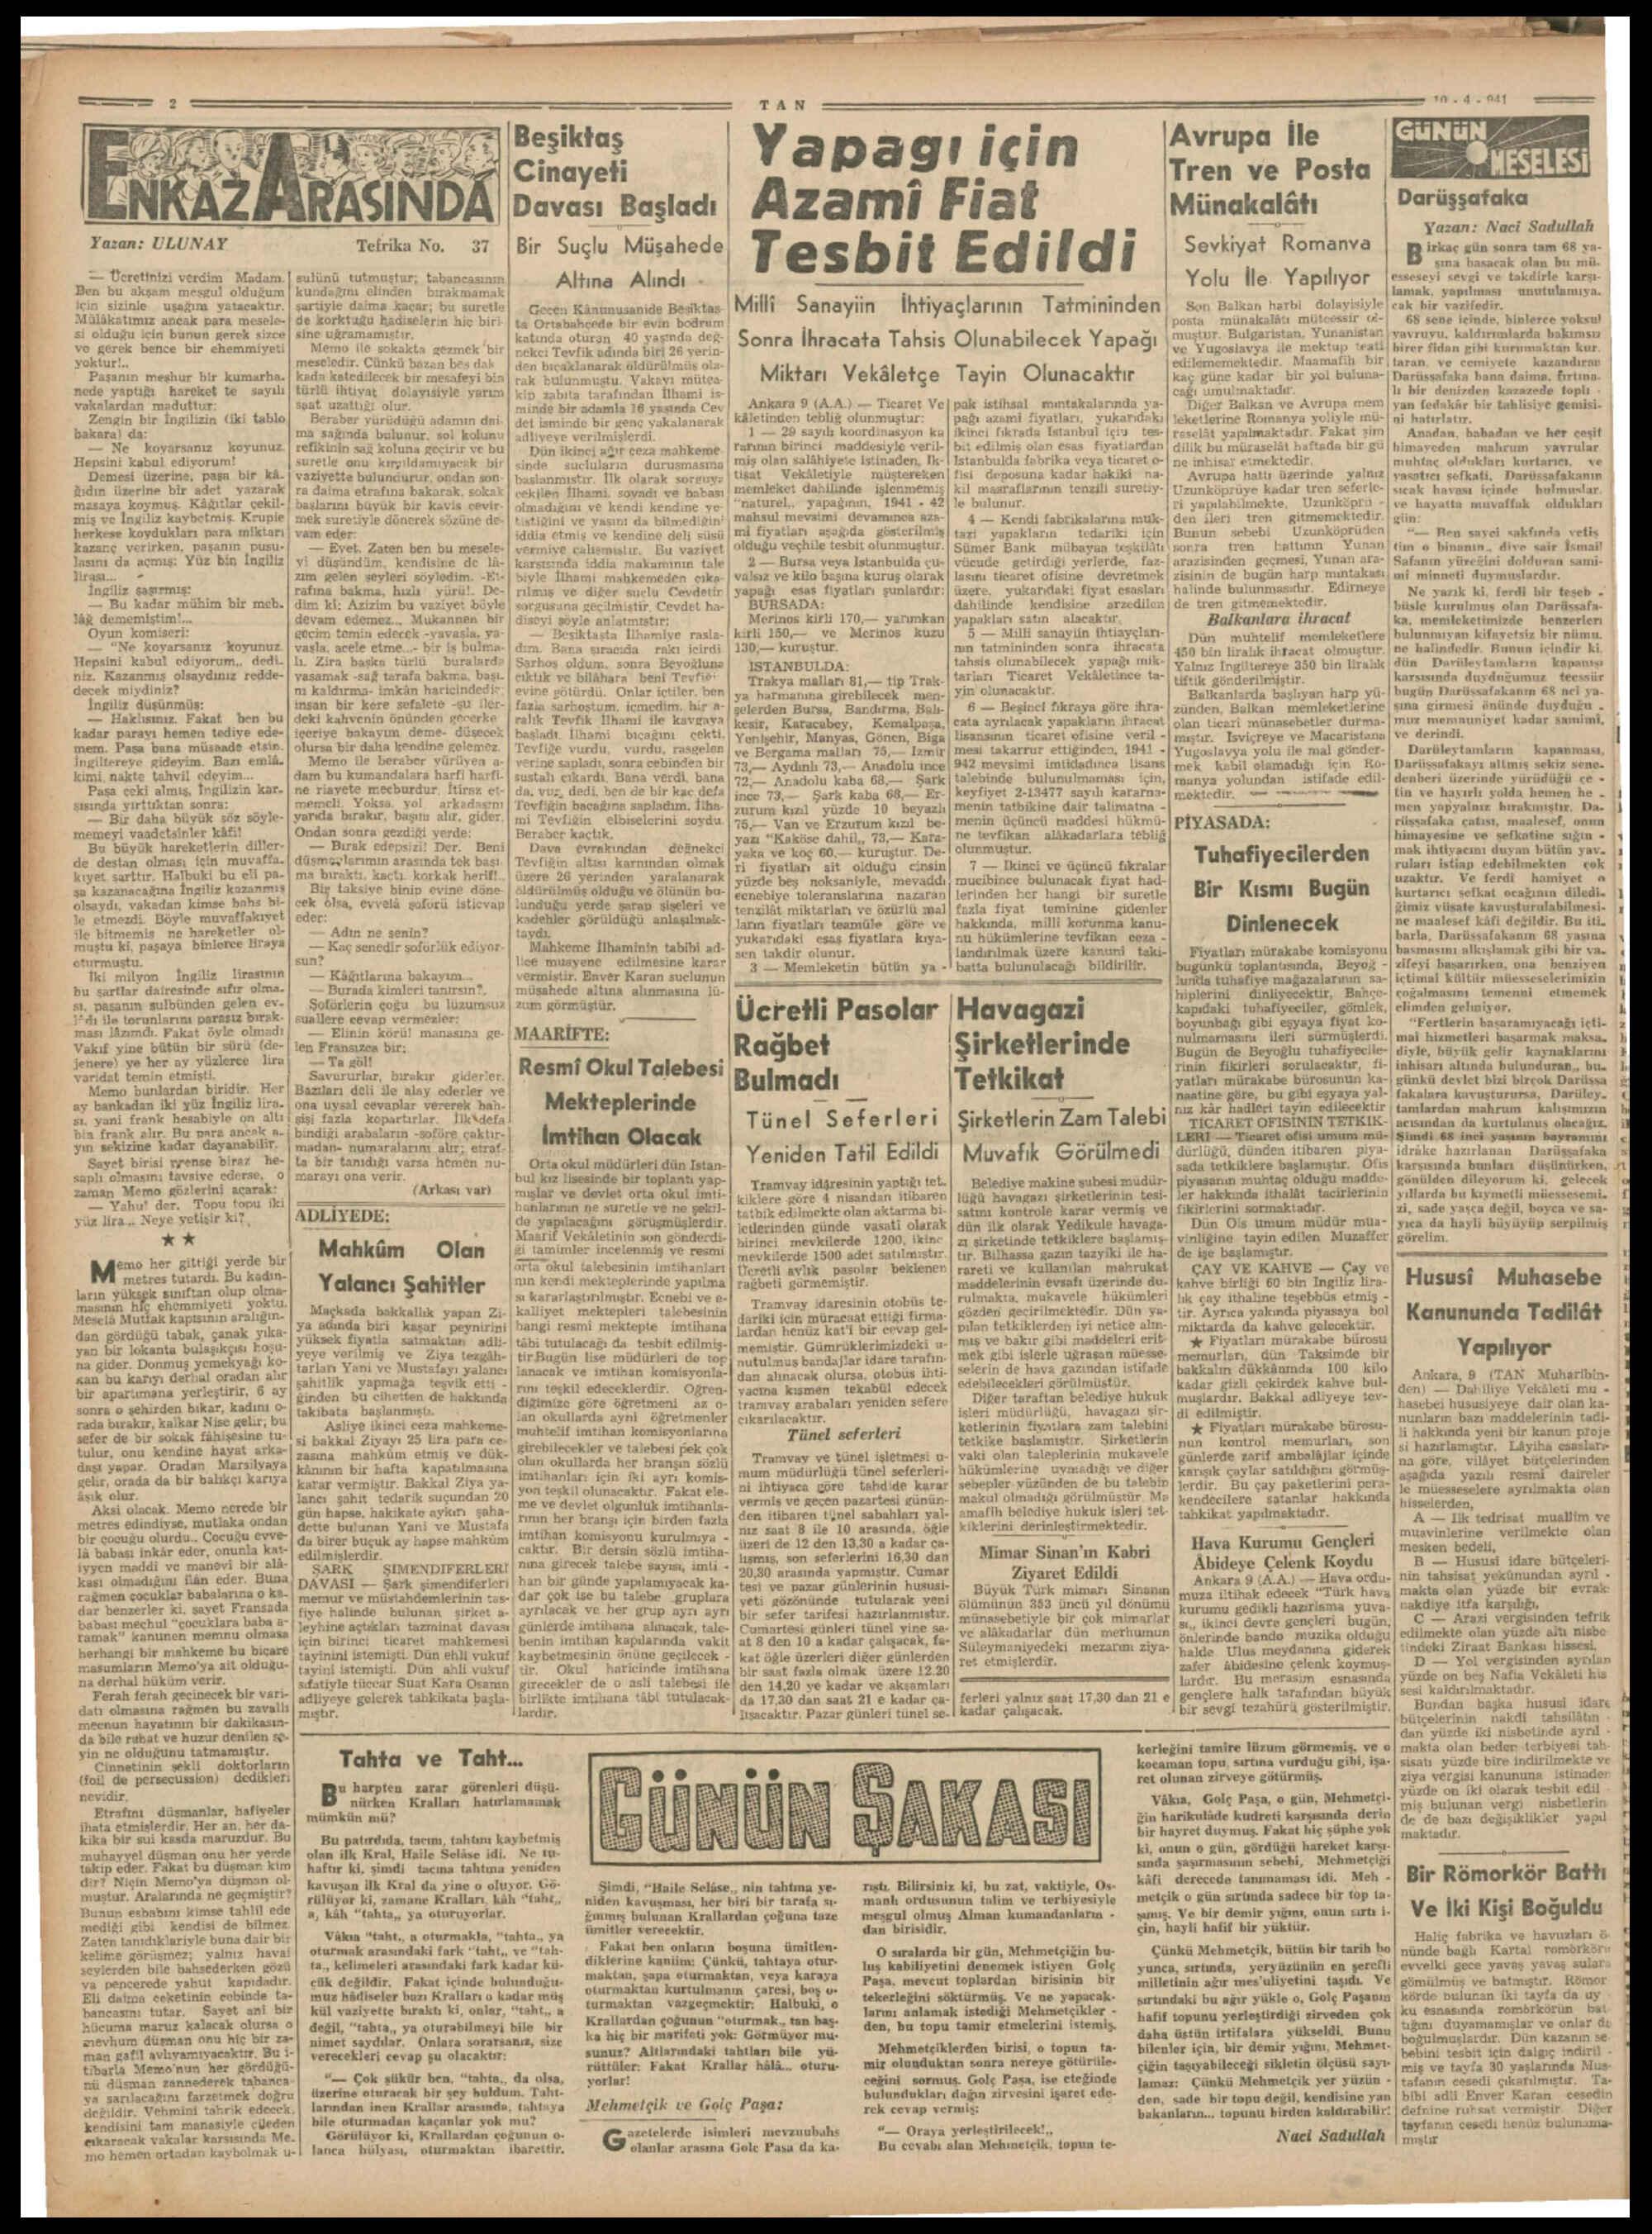 10 Nisan 1941 Tarihli Tan Gazetesi Sayfa 2